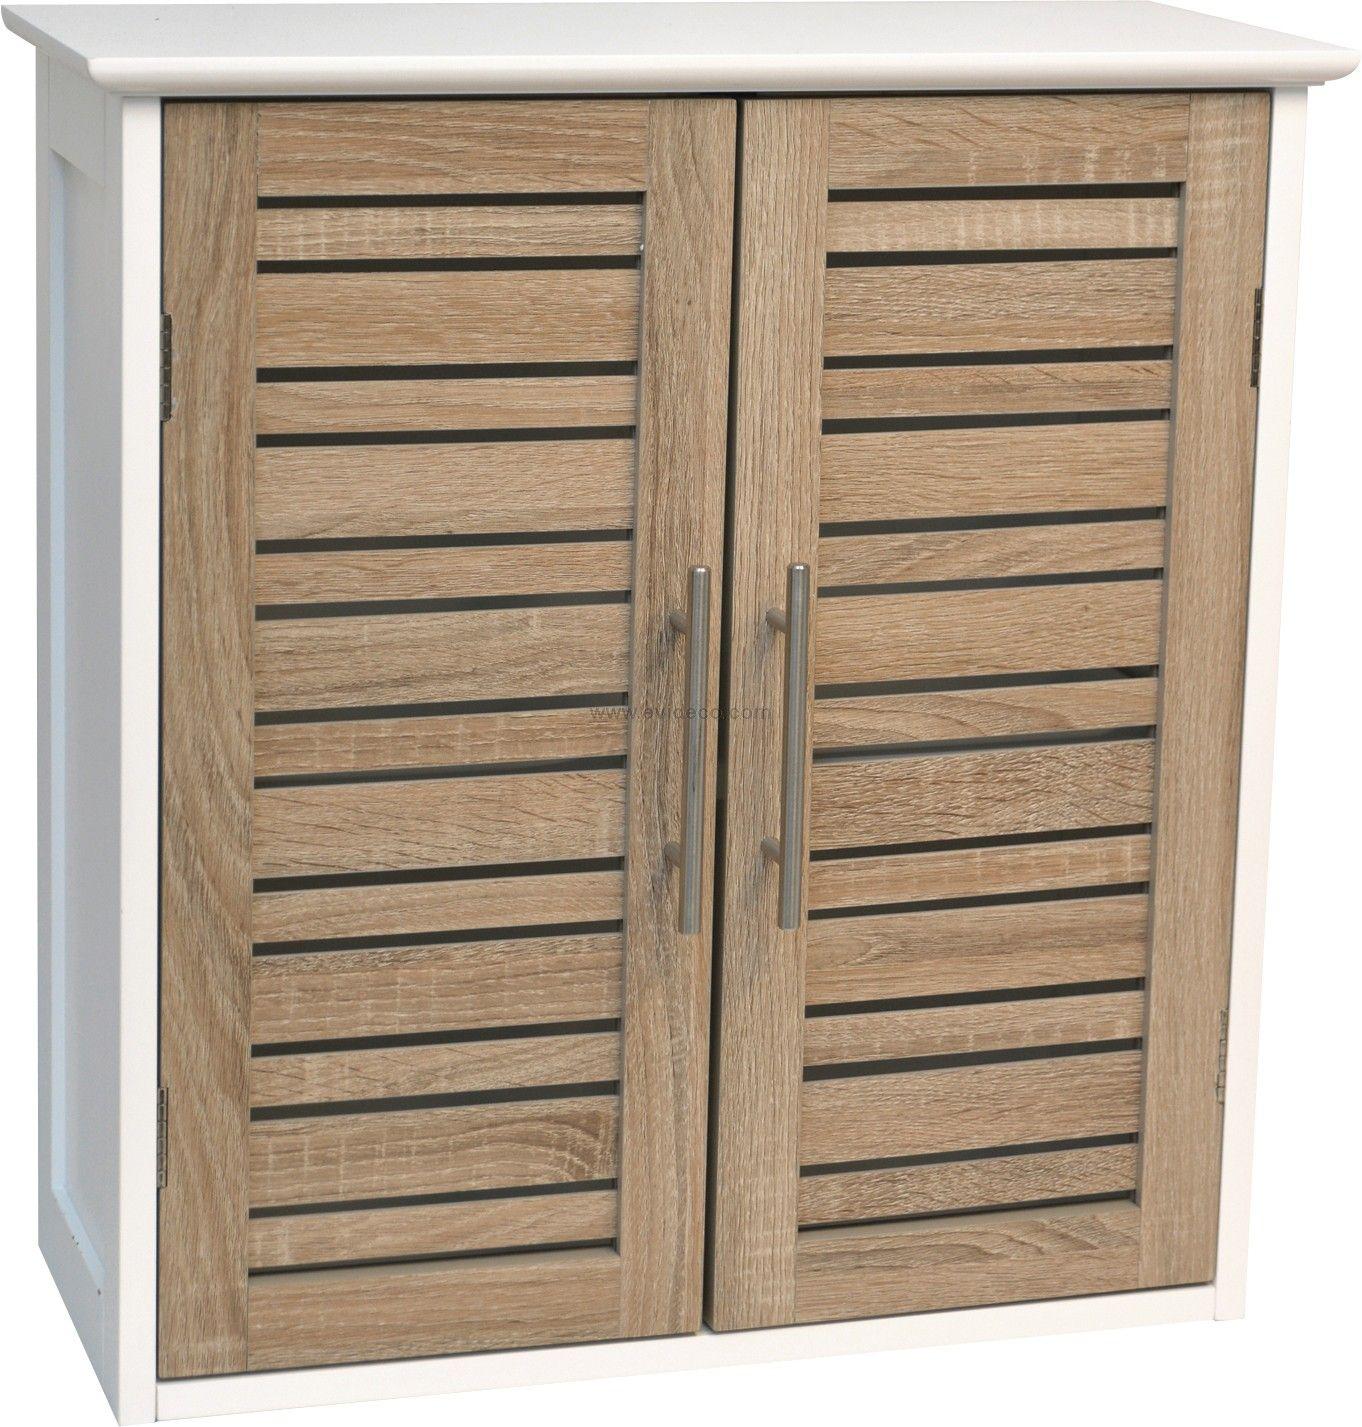 Bathroom Wall Mounted Cabinet 2 Doors Bamboo Wood Wall Mounted Cabinet Wall Mounted Bathroom Cabinets Bathroom Wall Cabinets